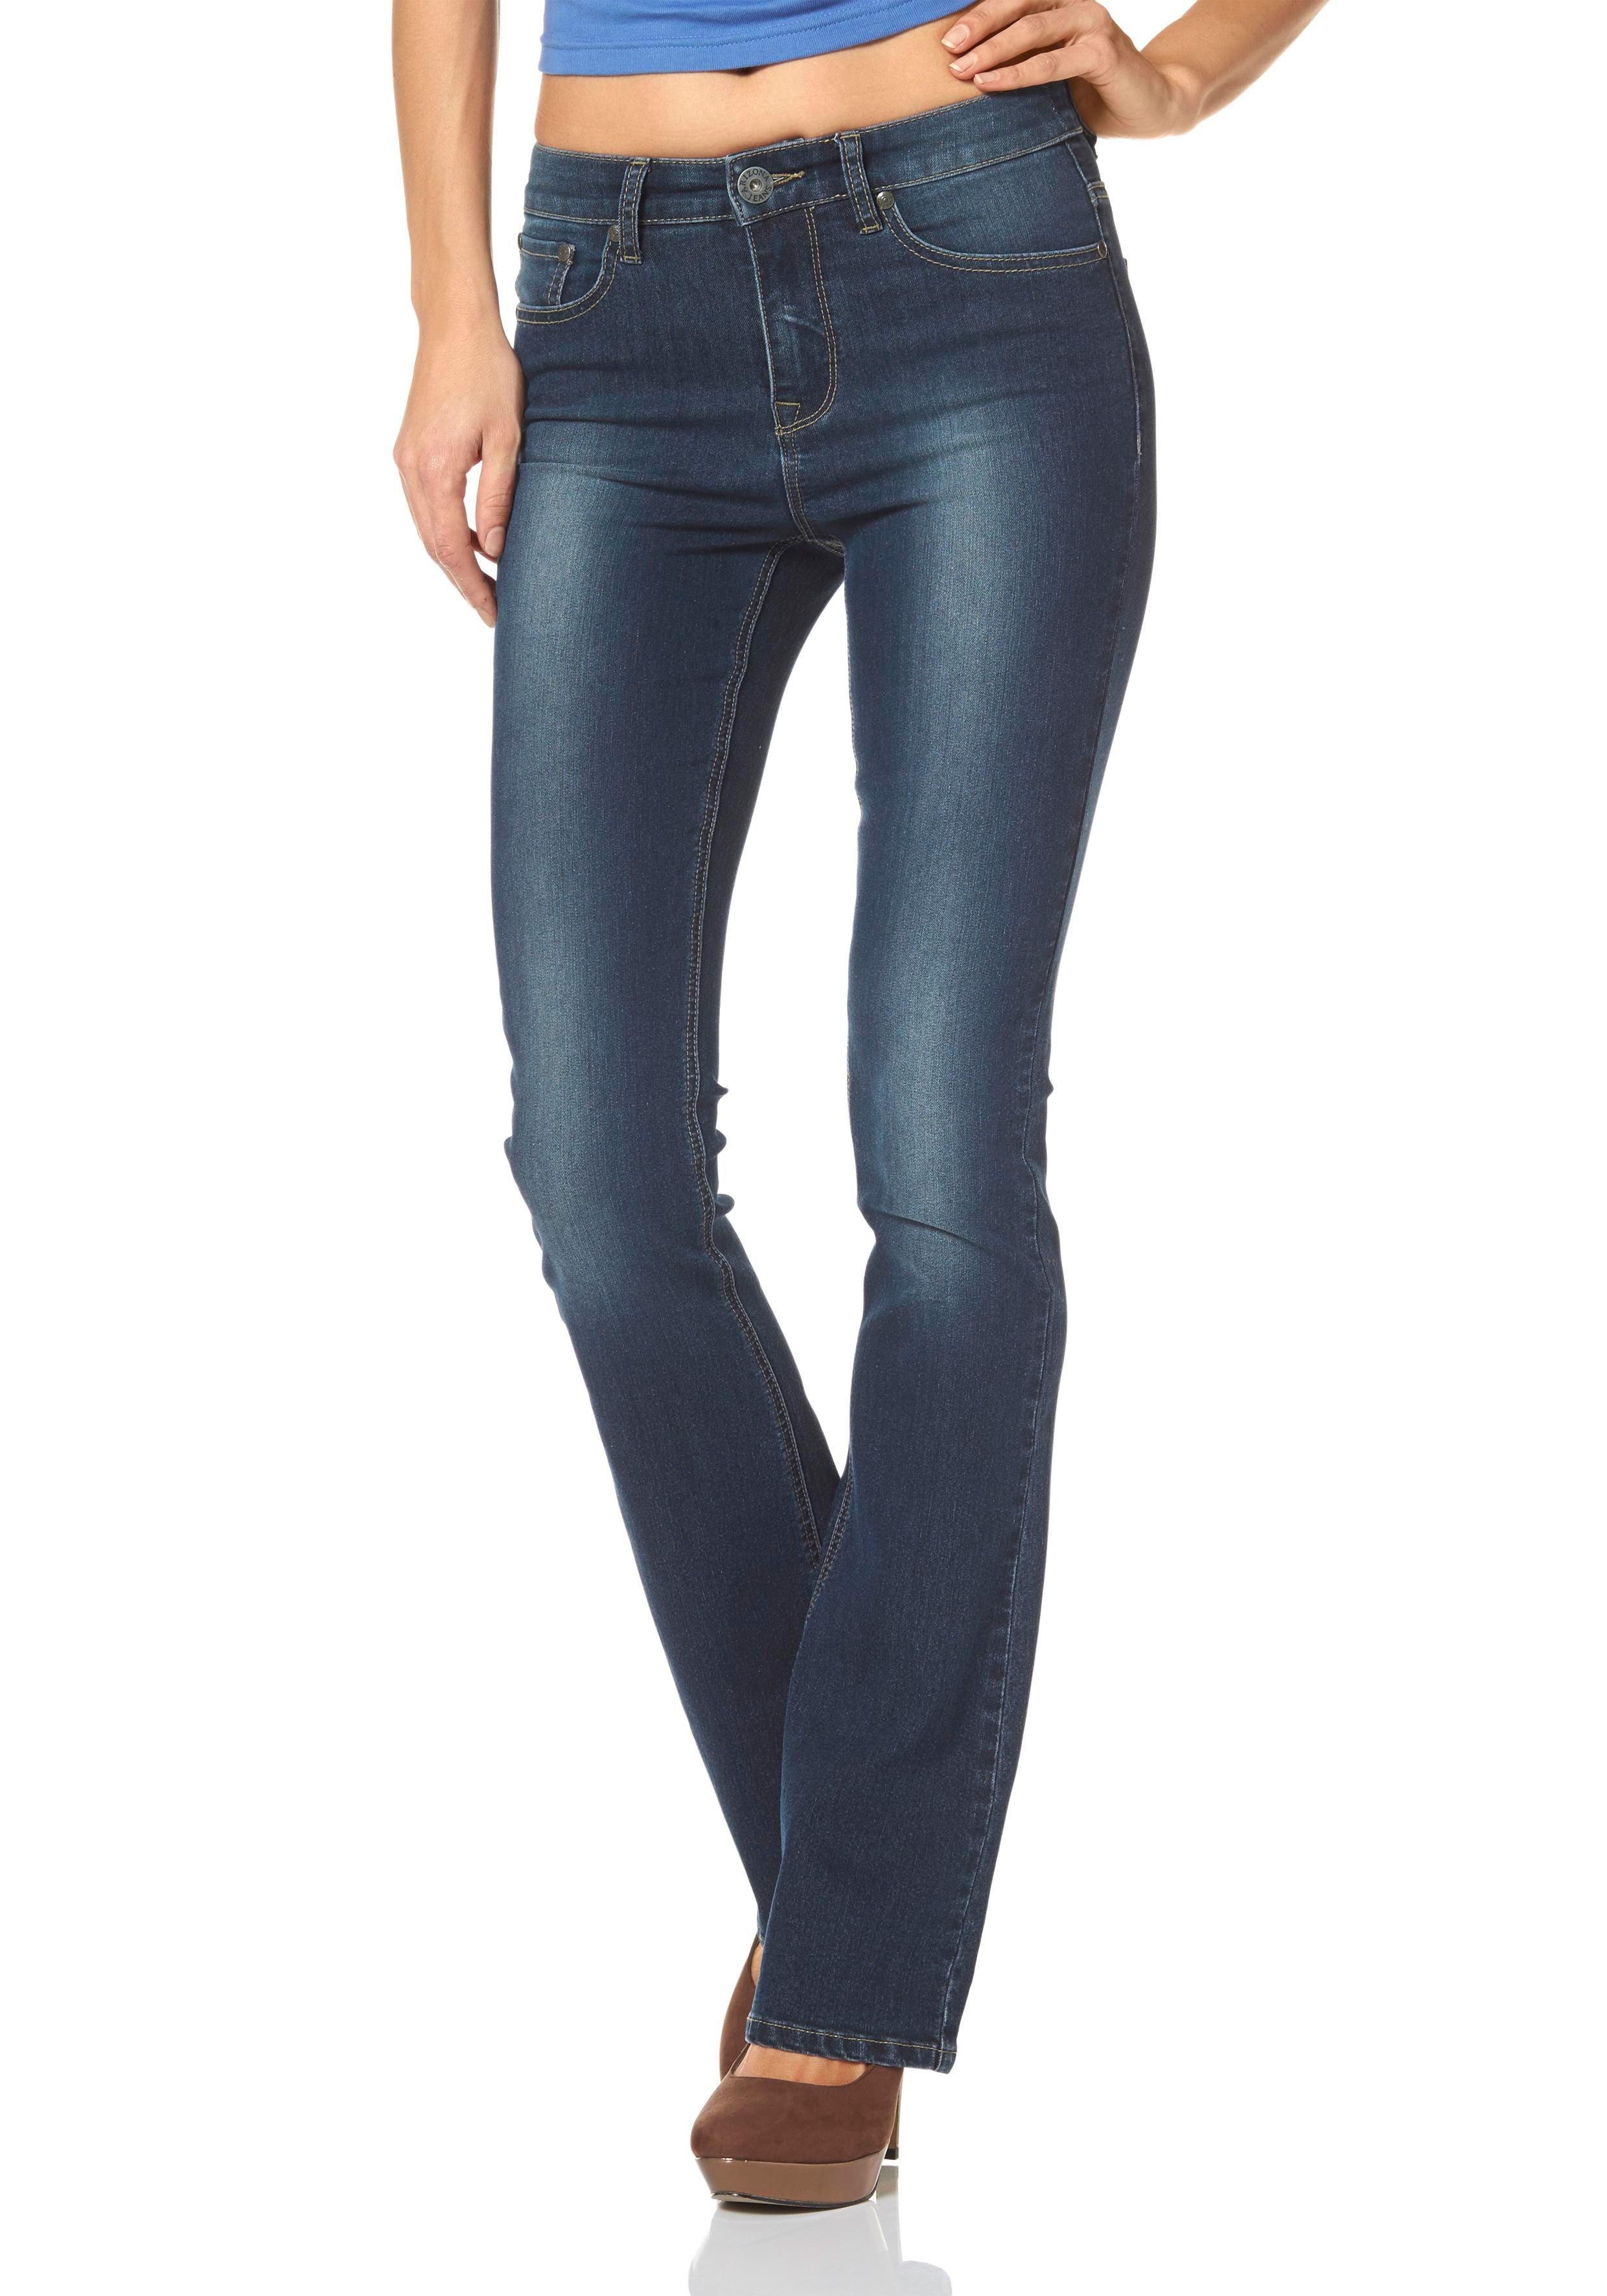 ARIZONA High-waist-jeans Bootcut online kopen op otto.nl